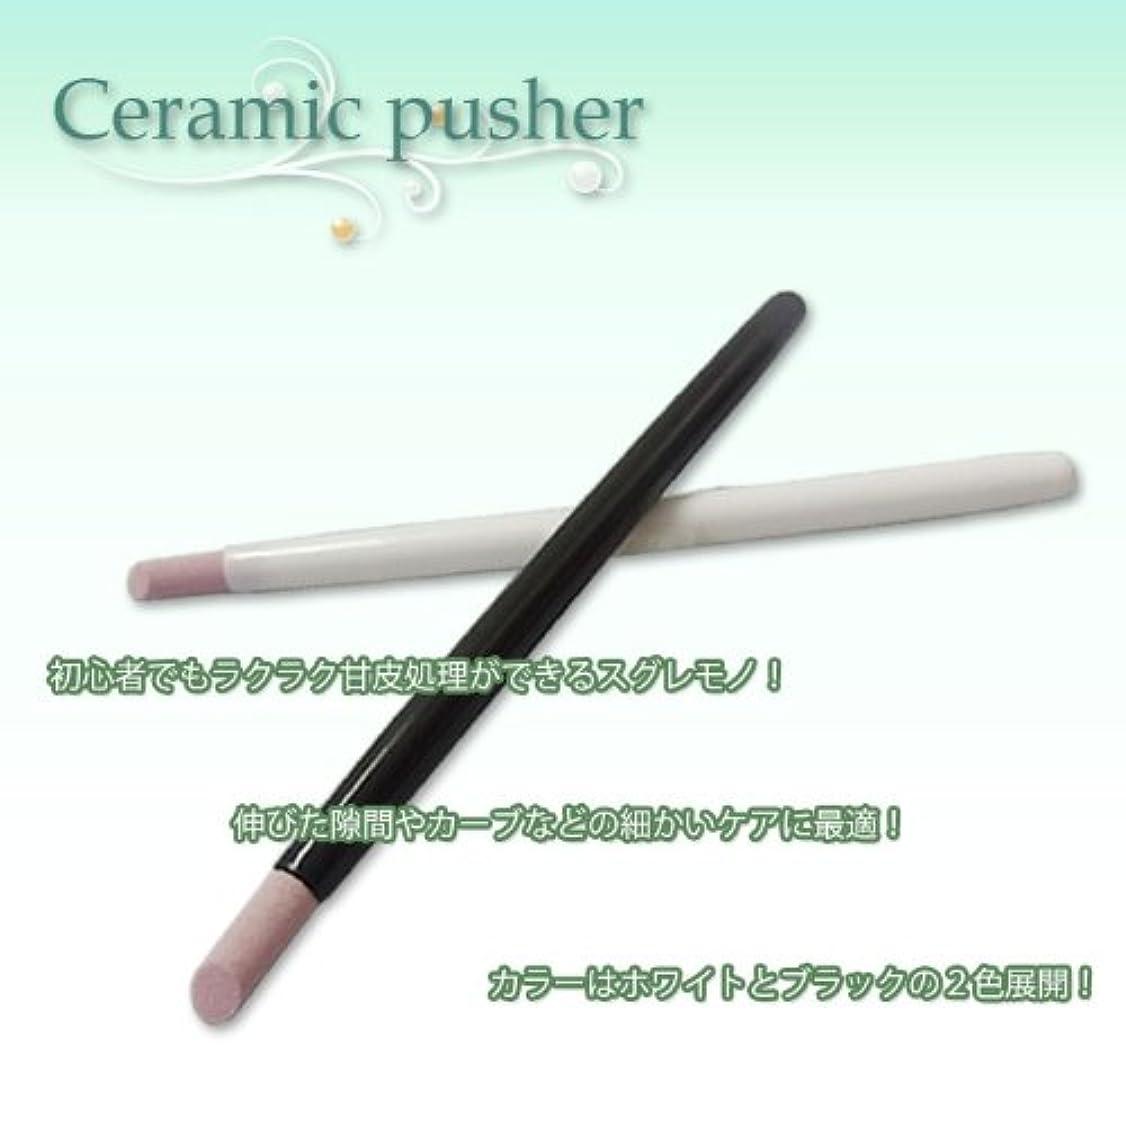 蓋冷笑するタックル【ジェルネイル】セラミックプッシャー〈 簡単便利なペンタイプ 〉全長140mm (ホワイト)